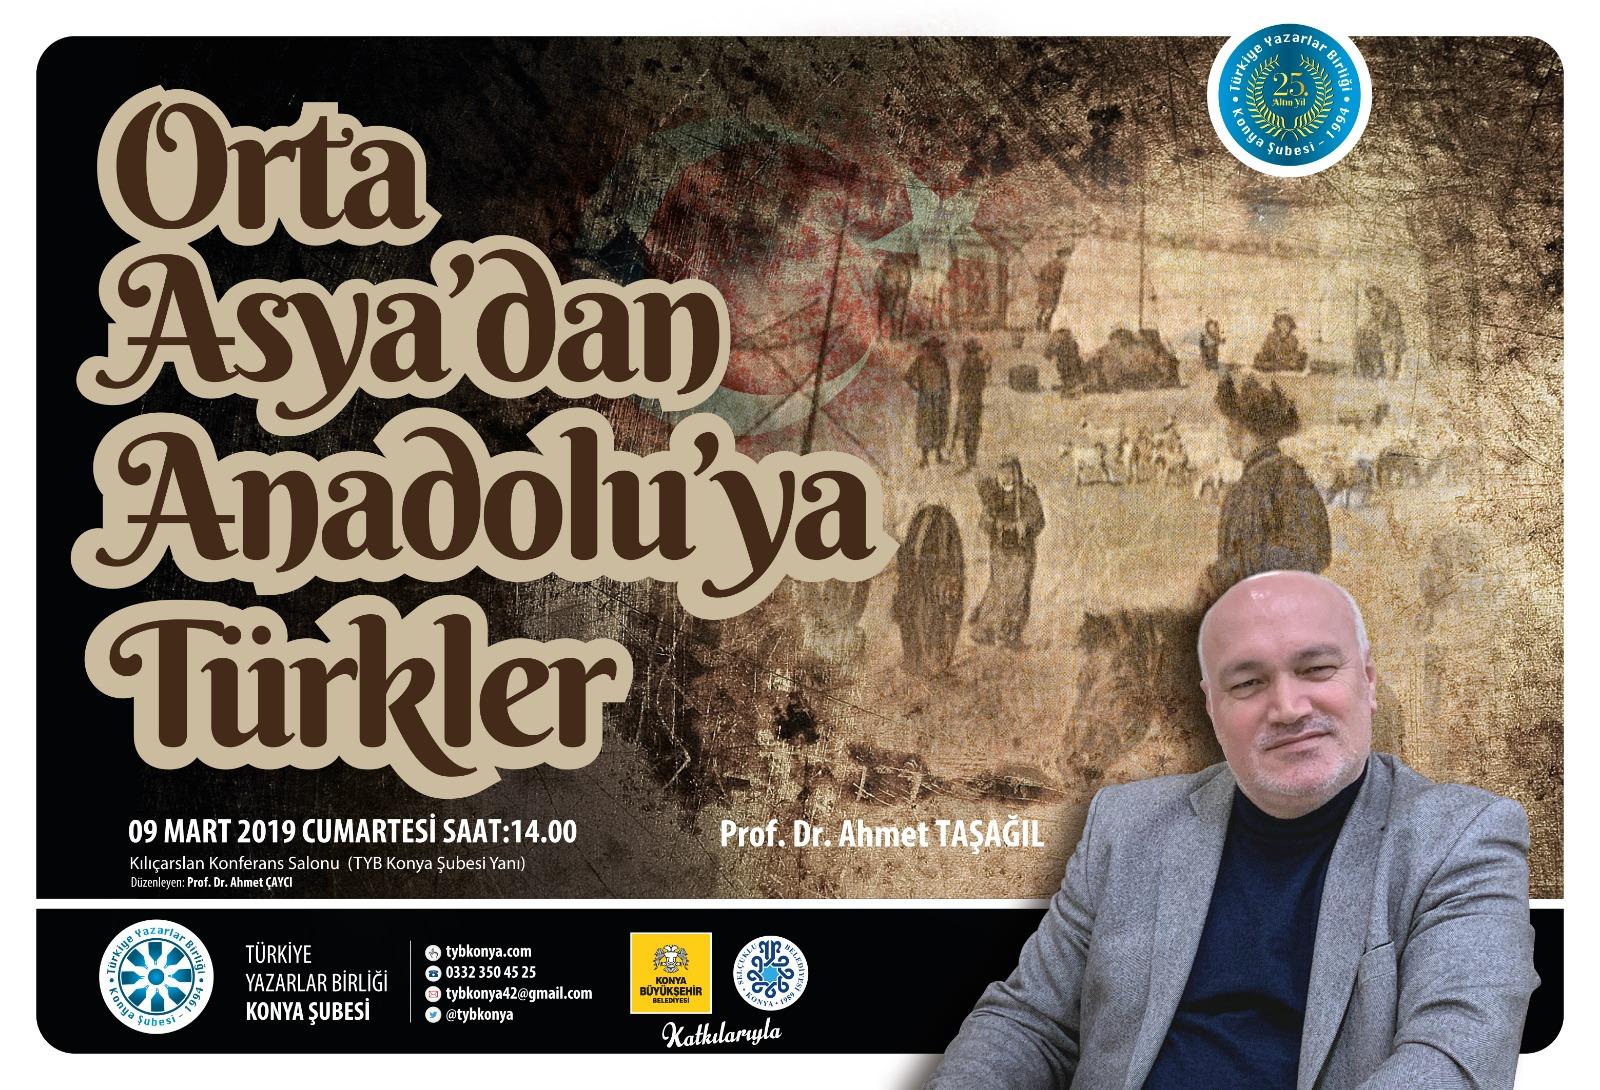 Konya Şubesinde Orta Asya'dan Anadolu'ya Türkler söyleşisi